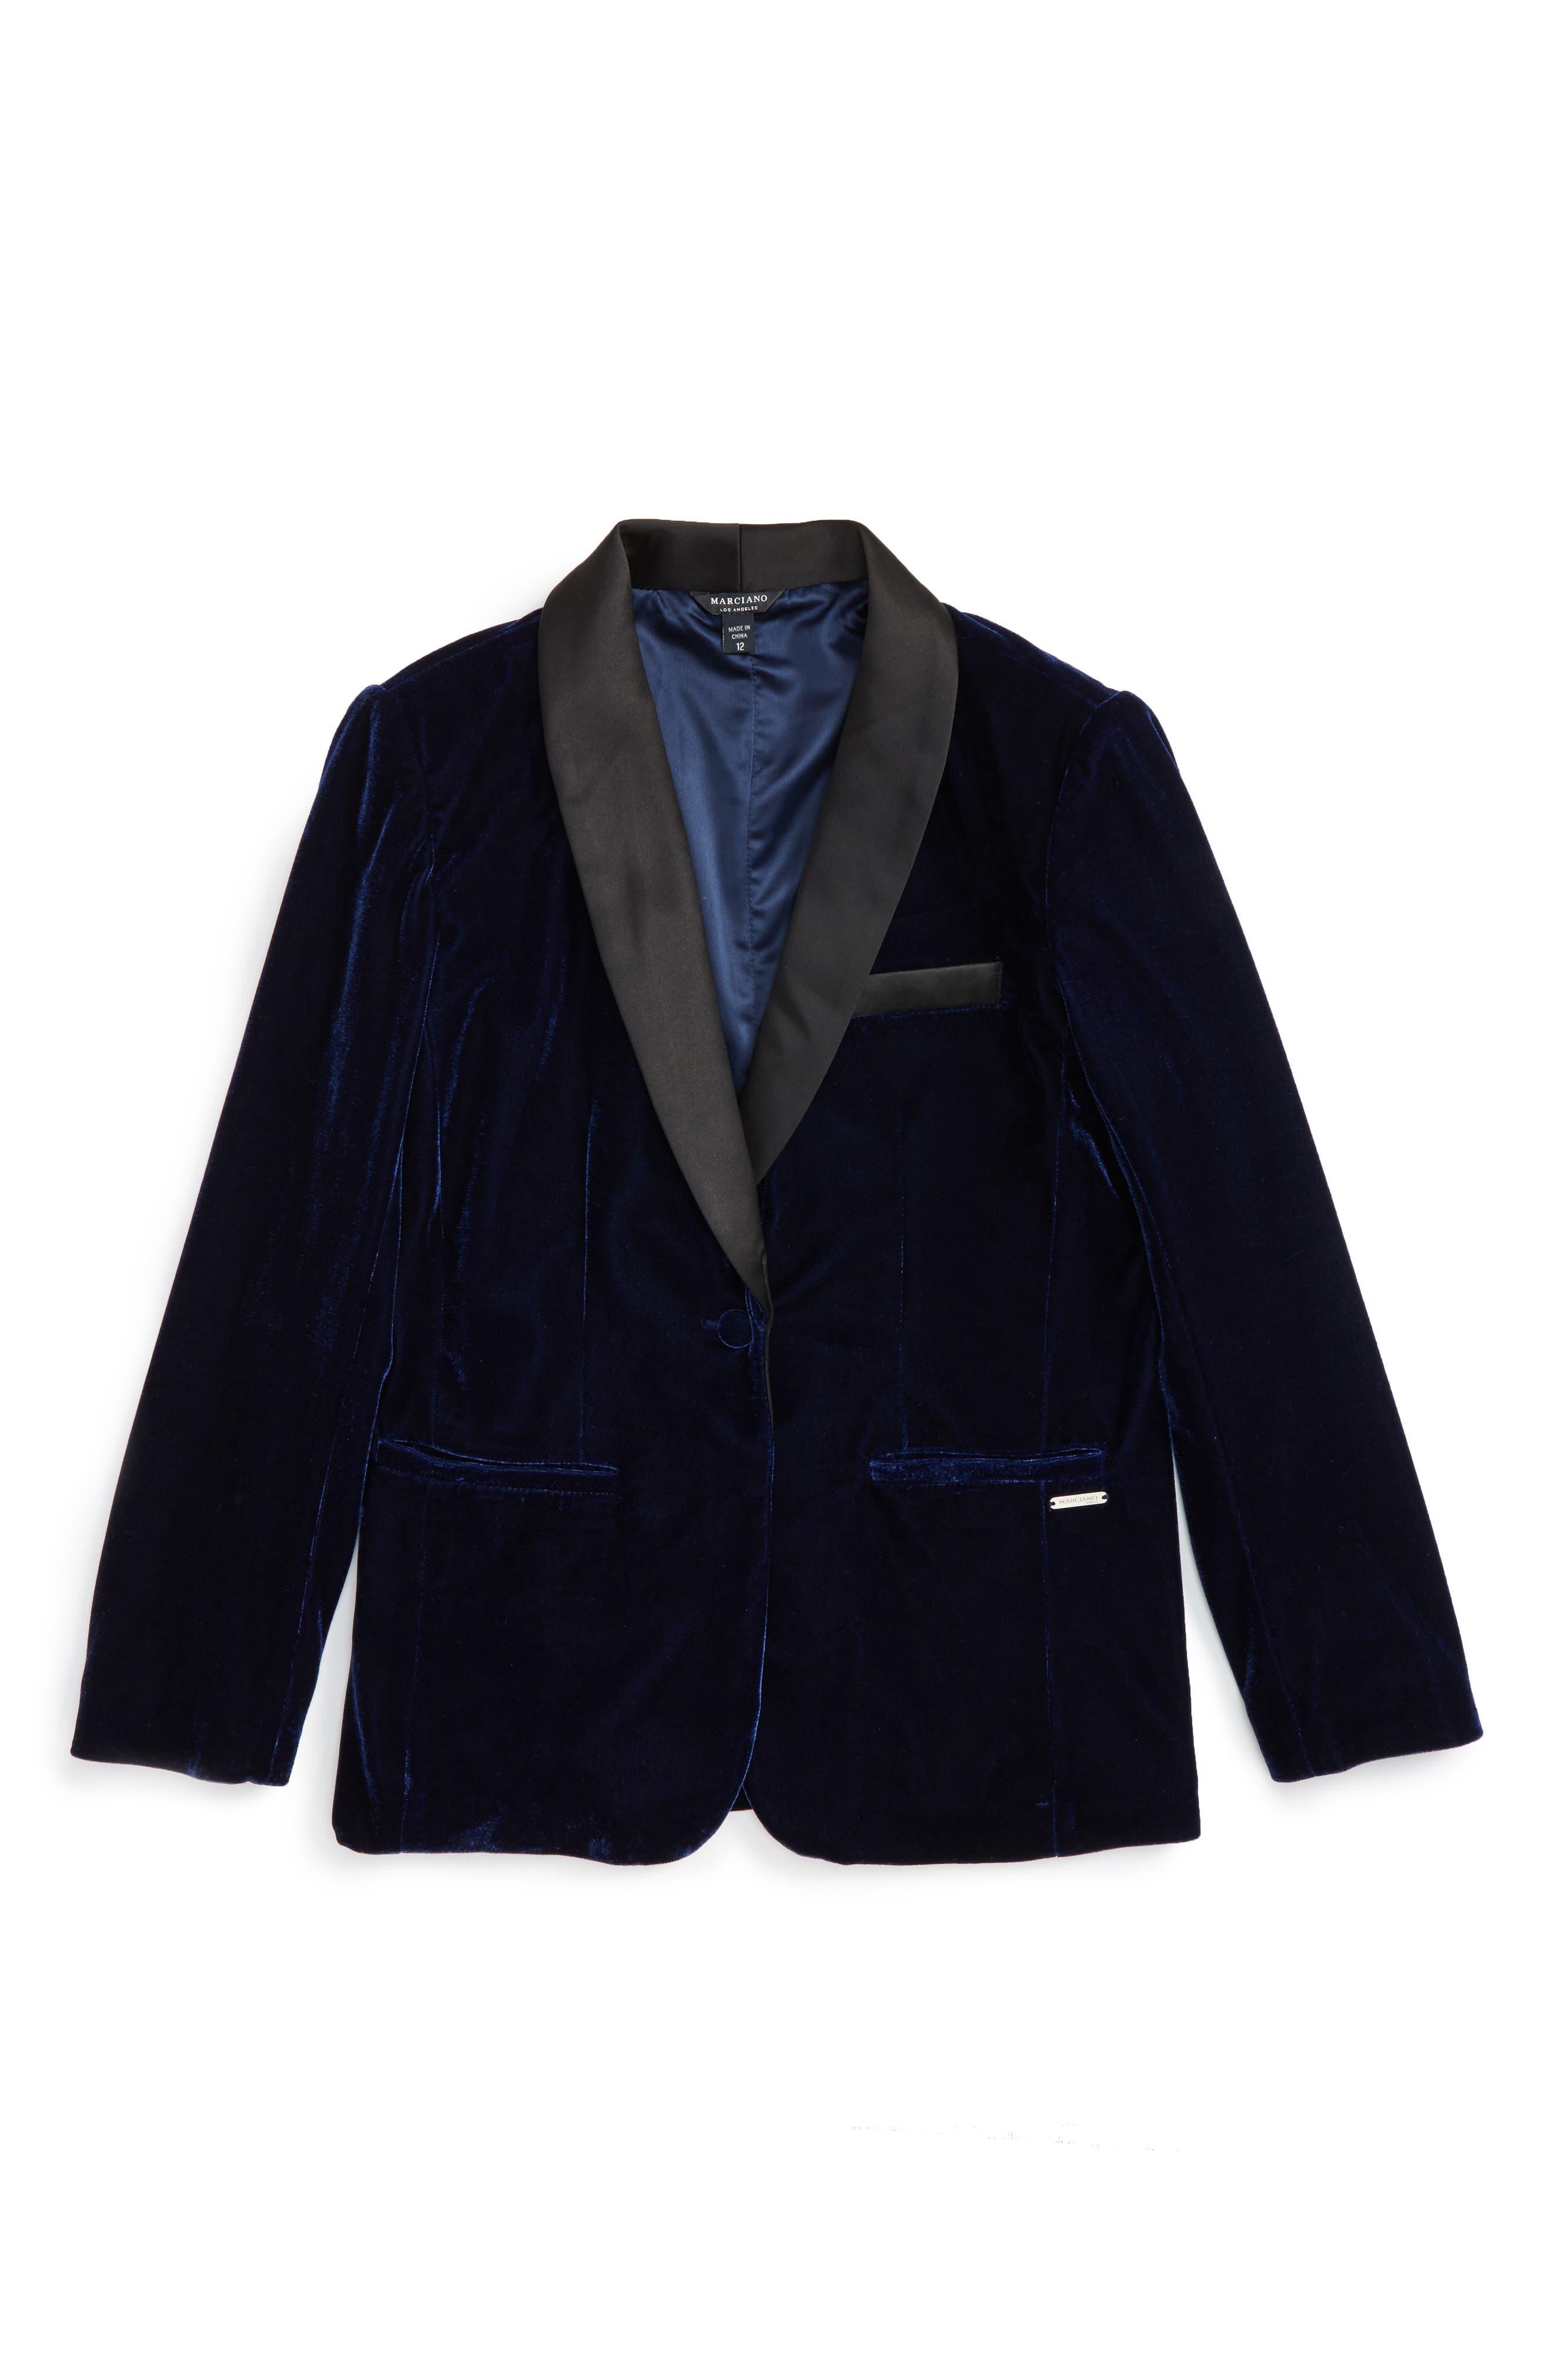 Alternate Image 1 Selected - Marciano Velvet Tuxedo Blazer (Big Girls)